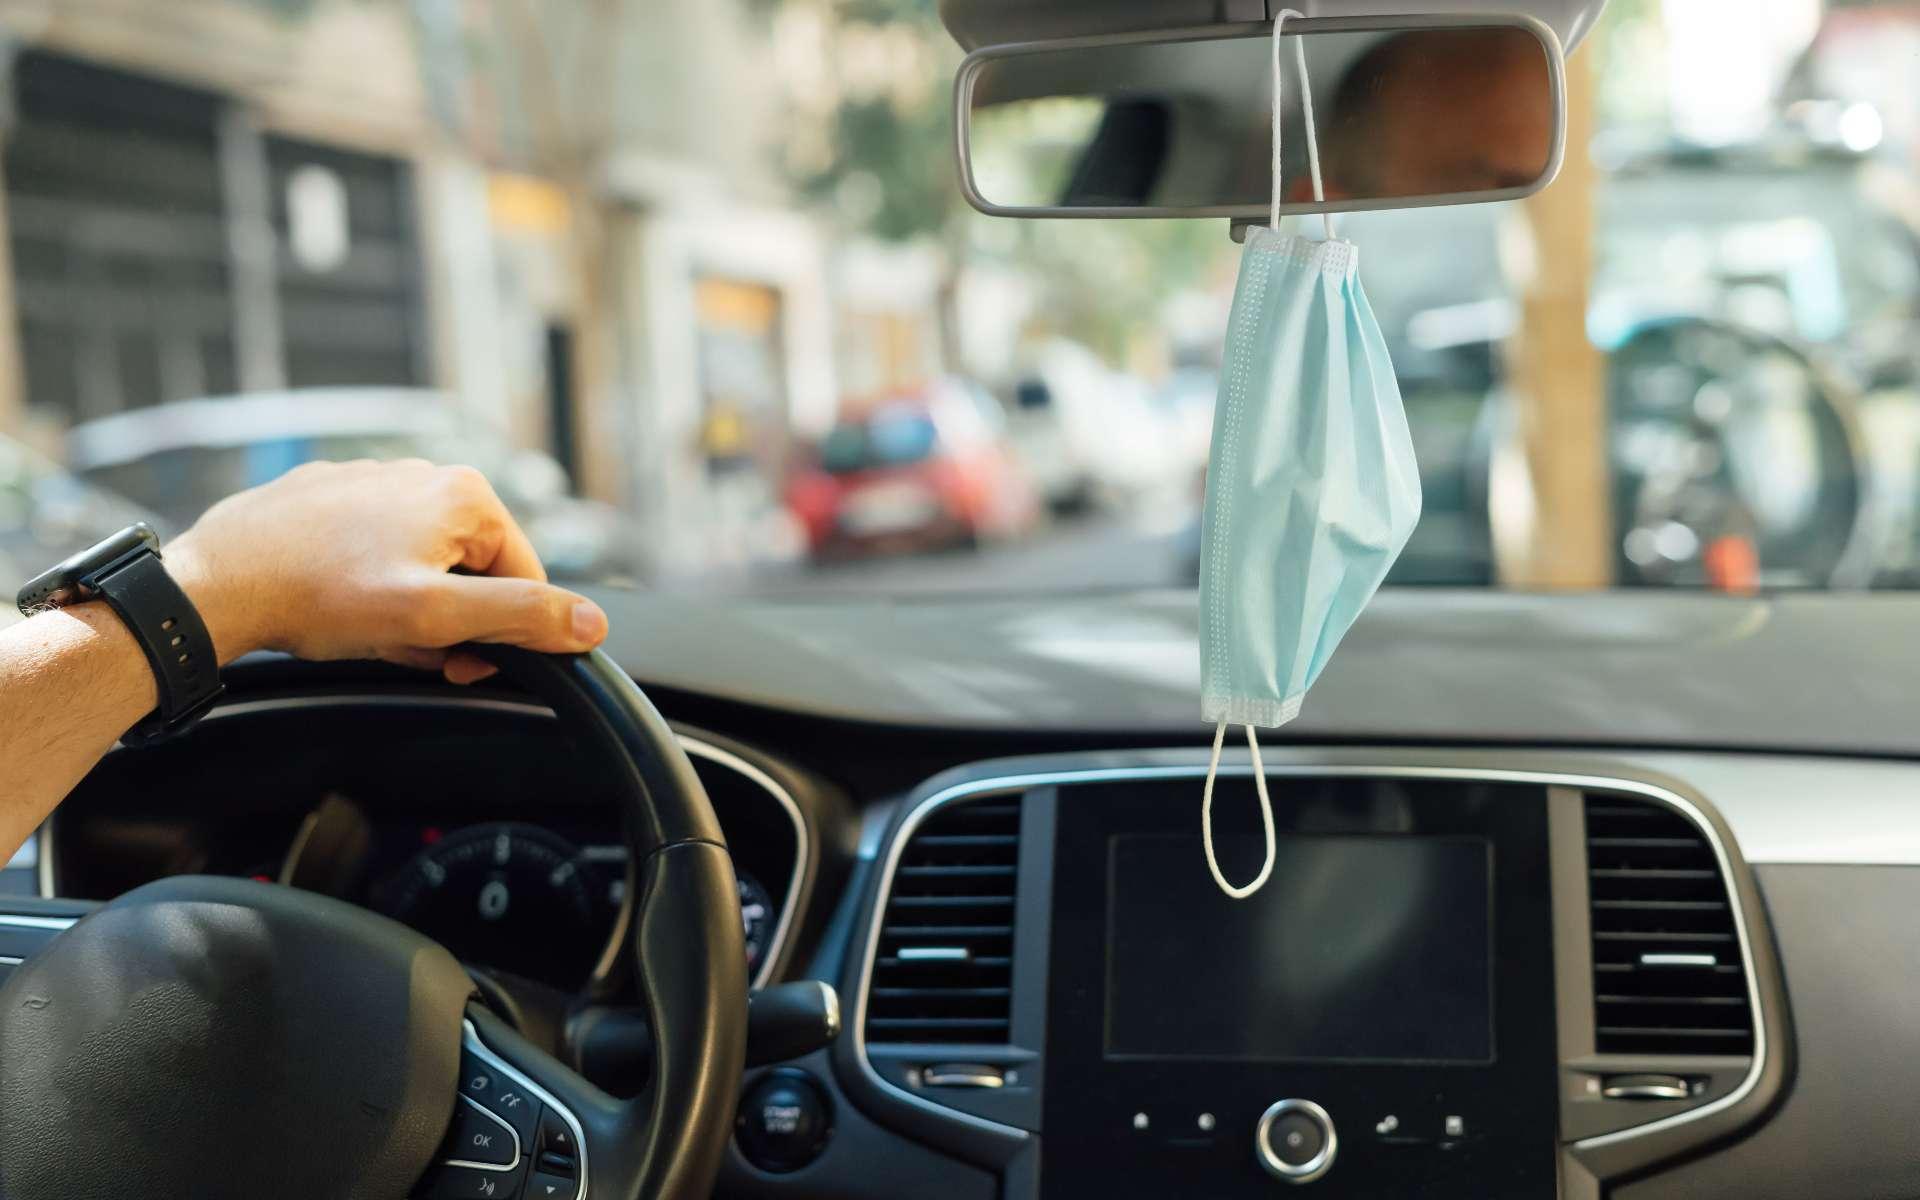 Comment limiter les contaminations lors d'un trajet en voiture à plusieurs ? © Miguel Angel Partido, Adobe Stock